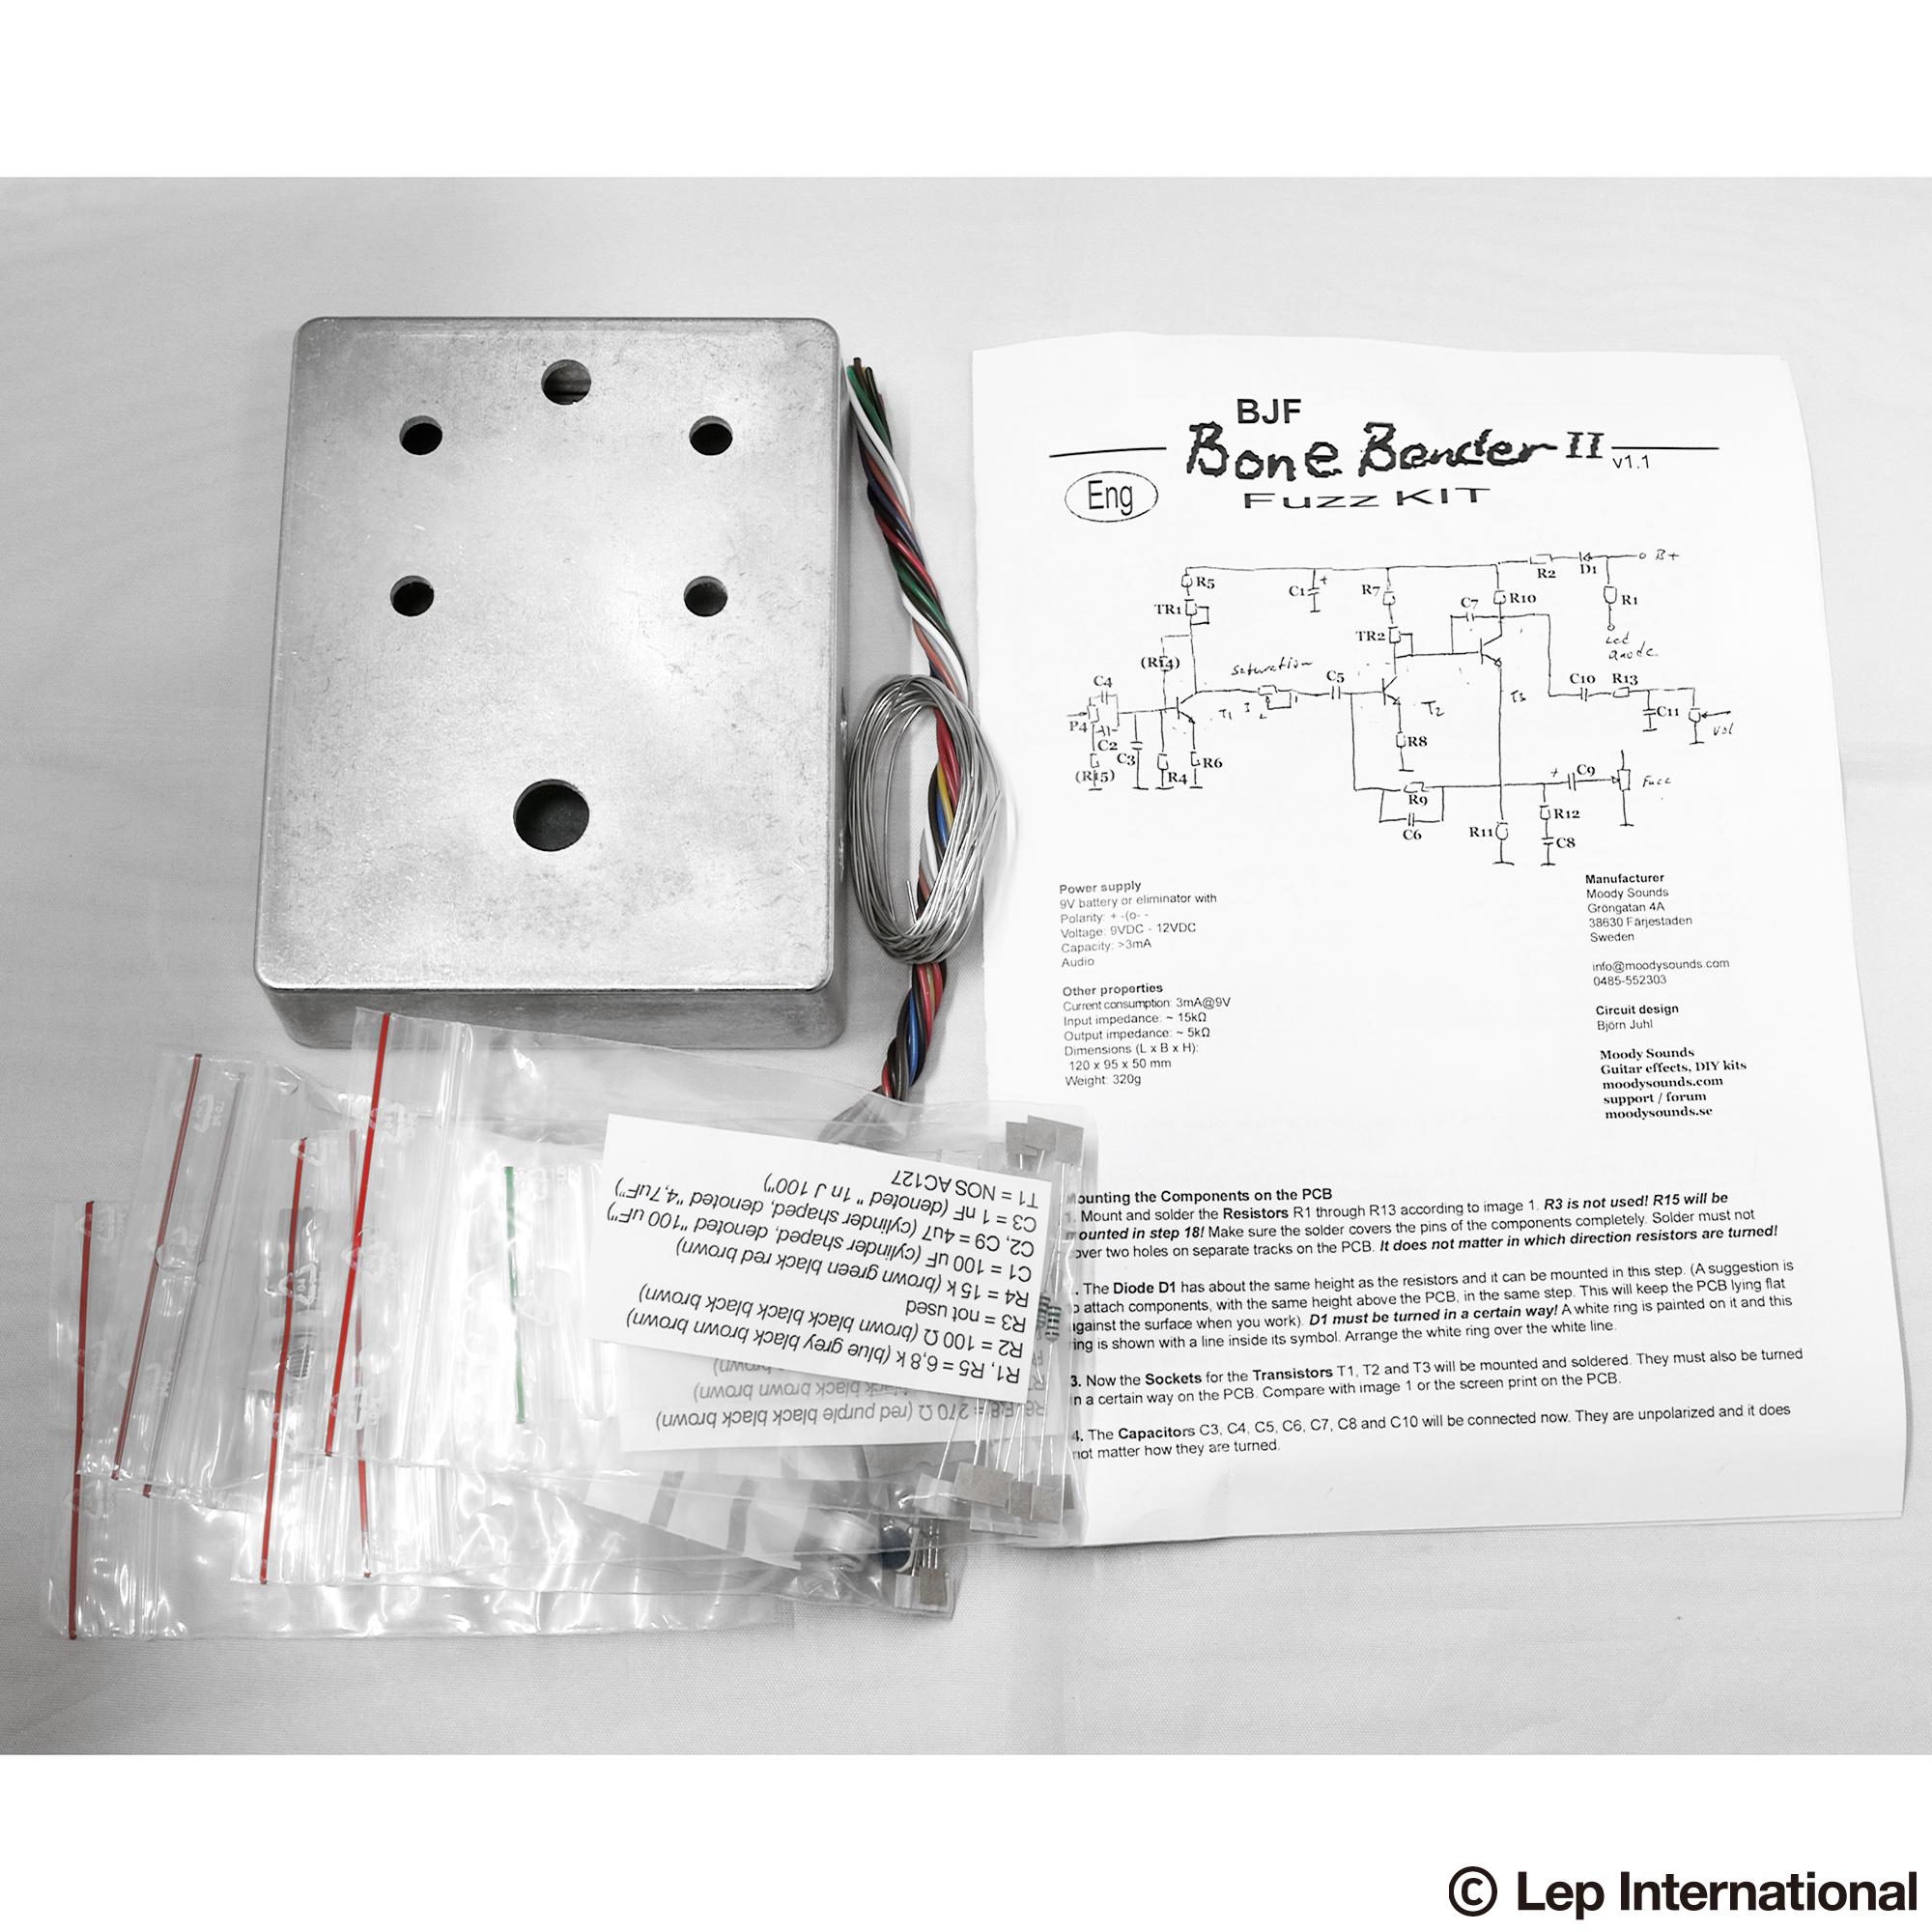 Bone-Bender-II-Fuzz-Kit-01.jpg